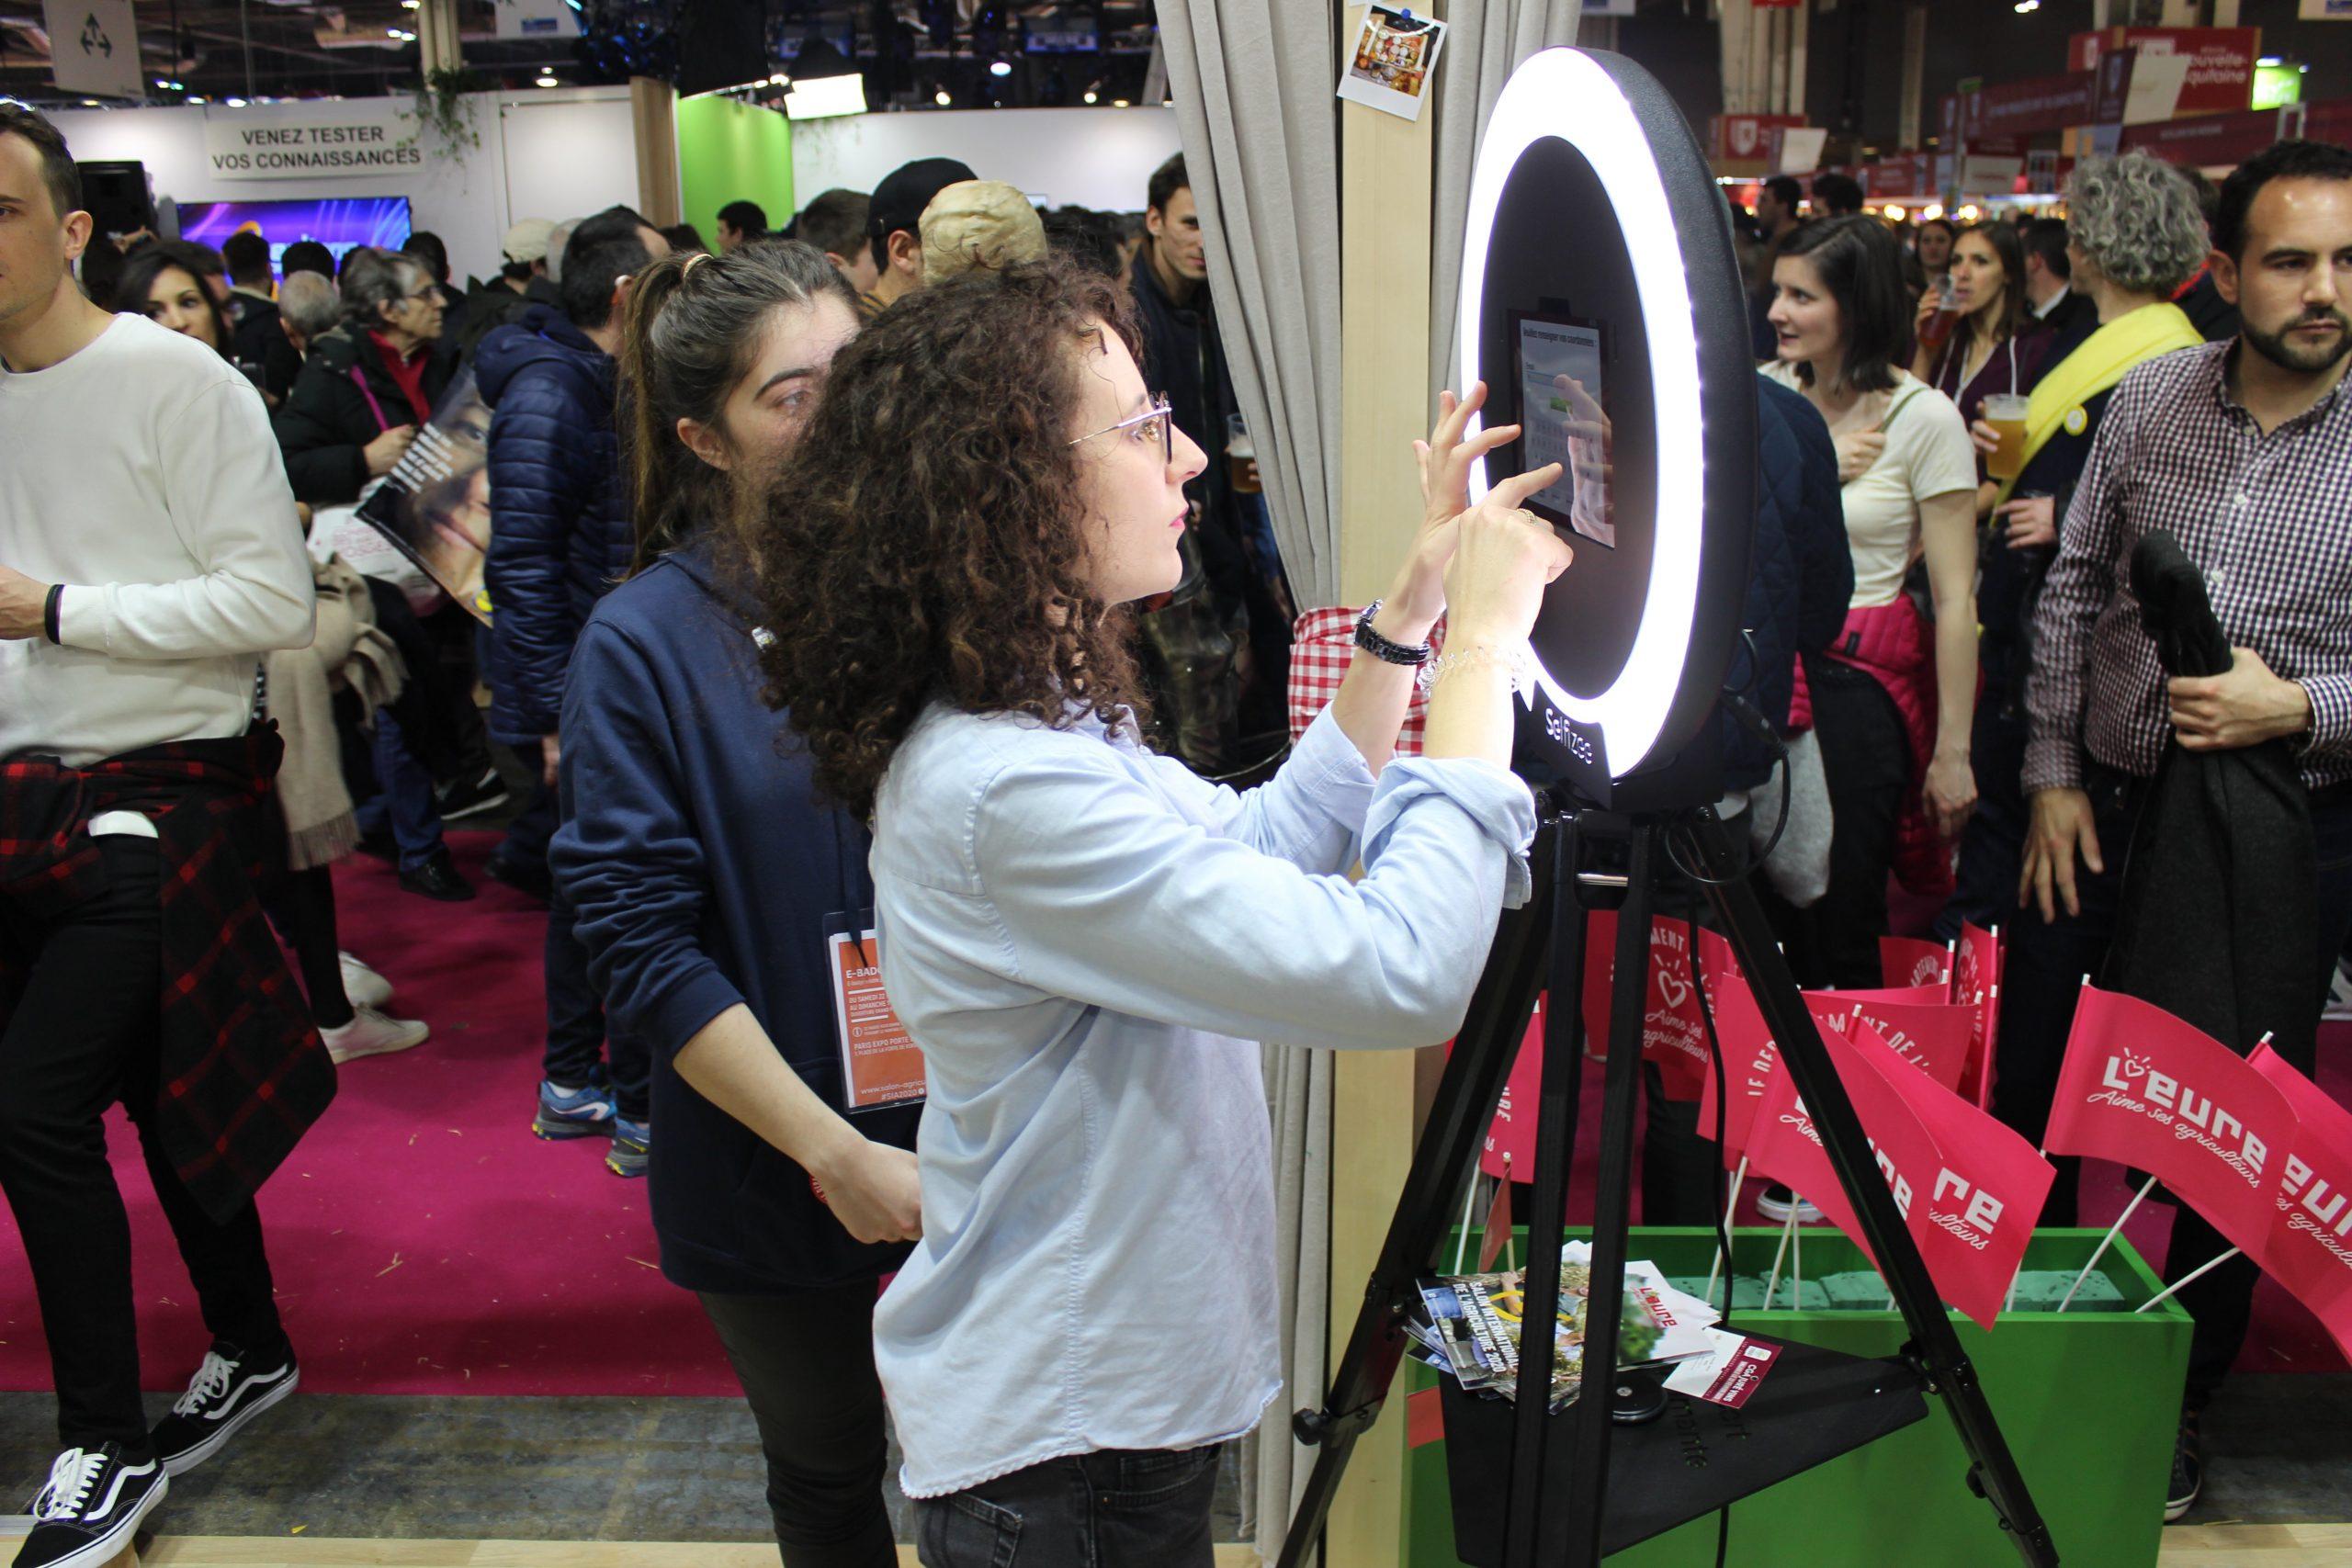 Animation photobooth stand salon de l'agriculture Paris 2020 - selfie box avec écran tactile et photos personnalisées pour visiteurs